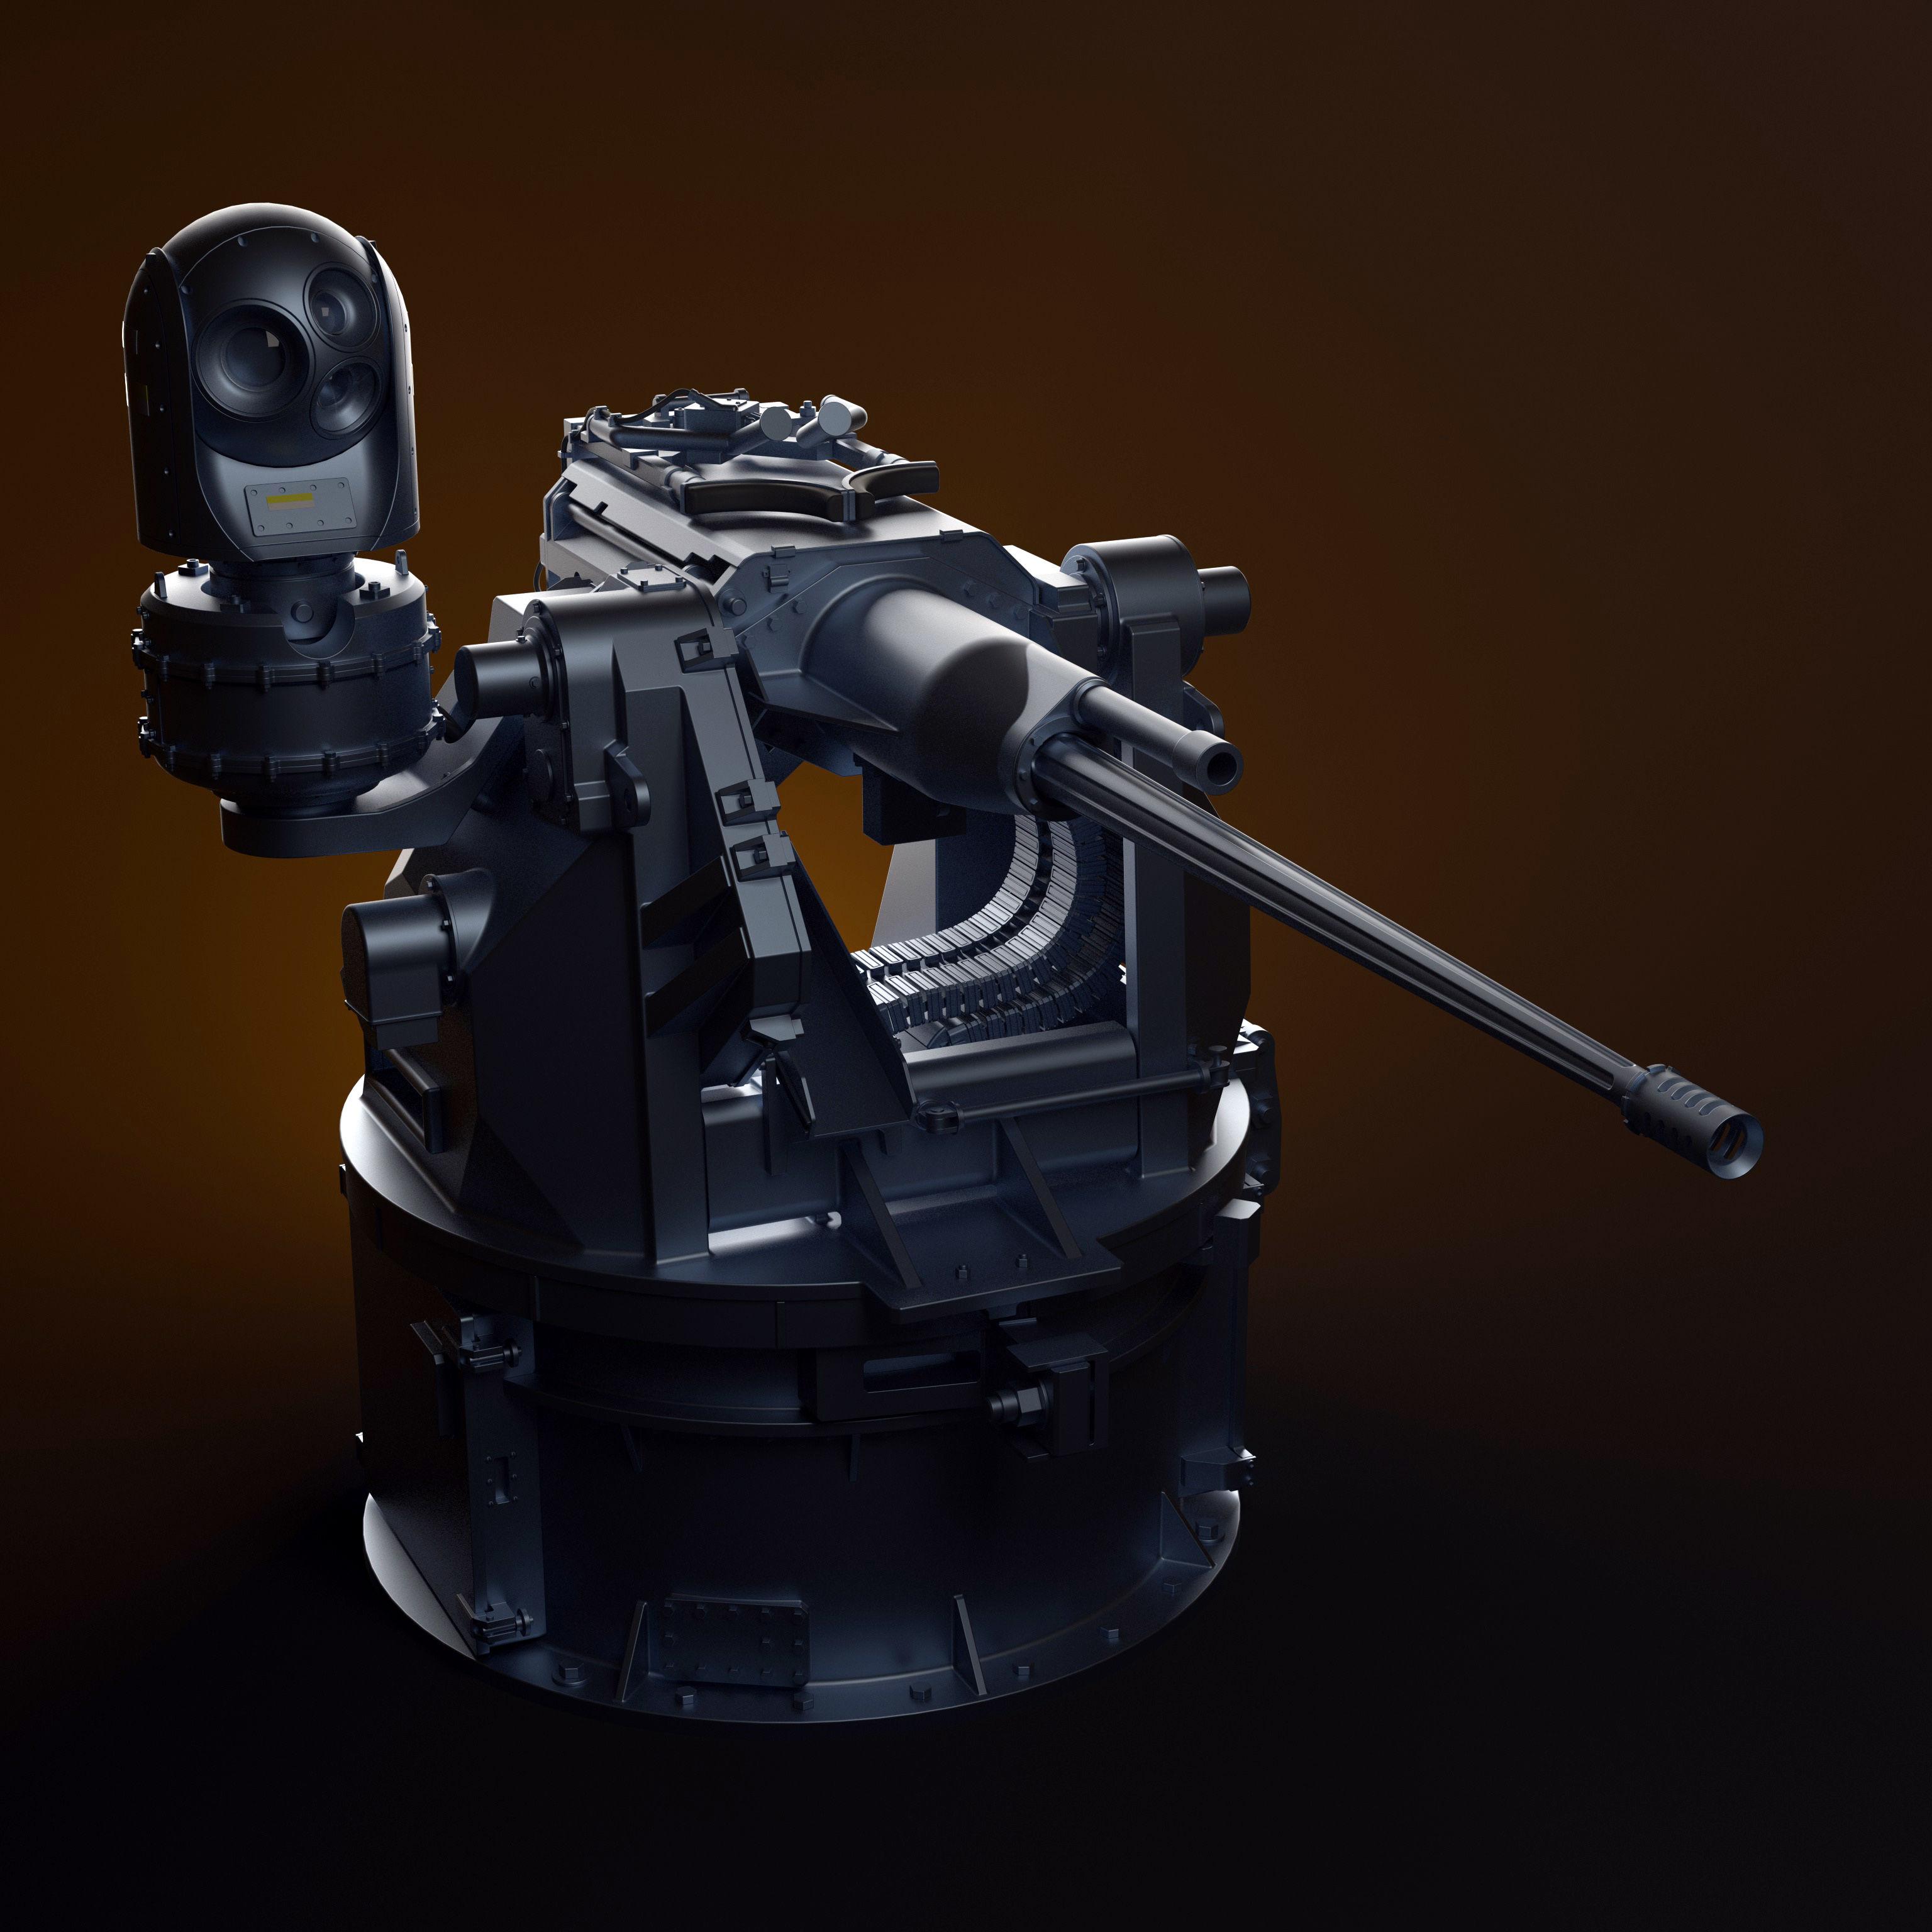 Bushmaster-00-3500-3500